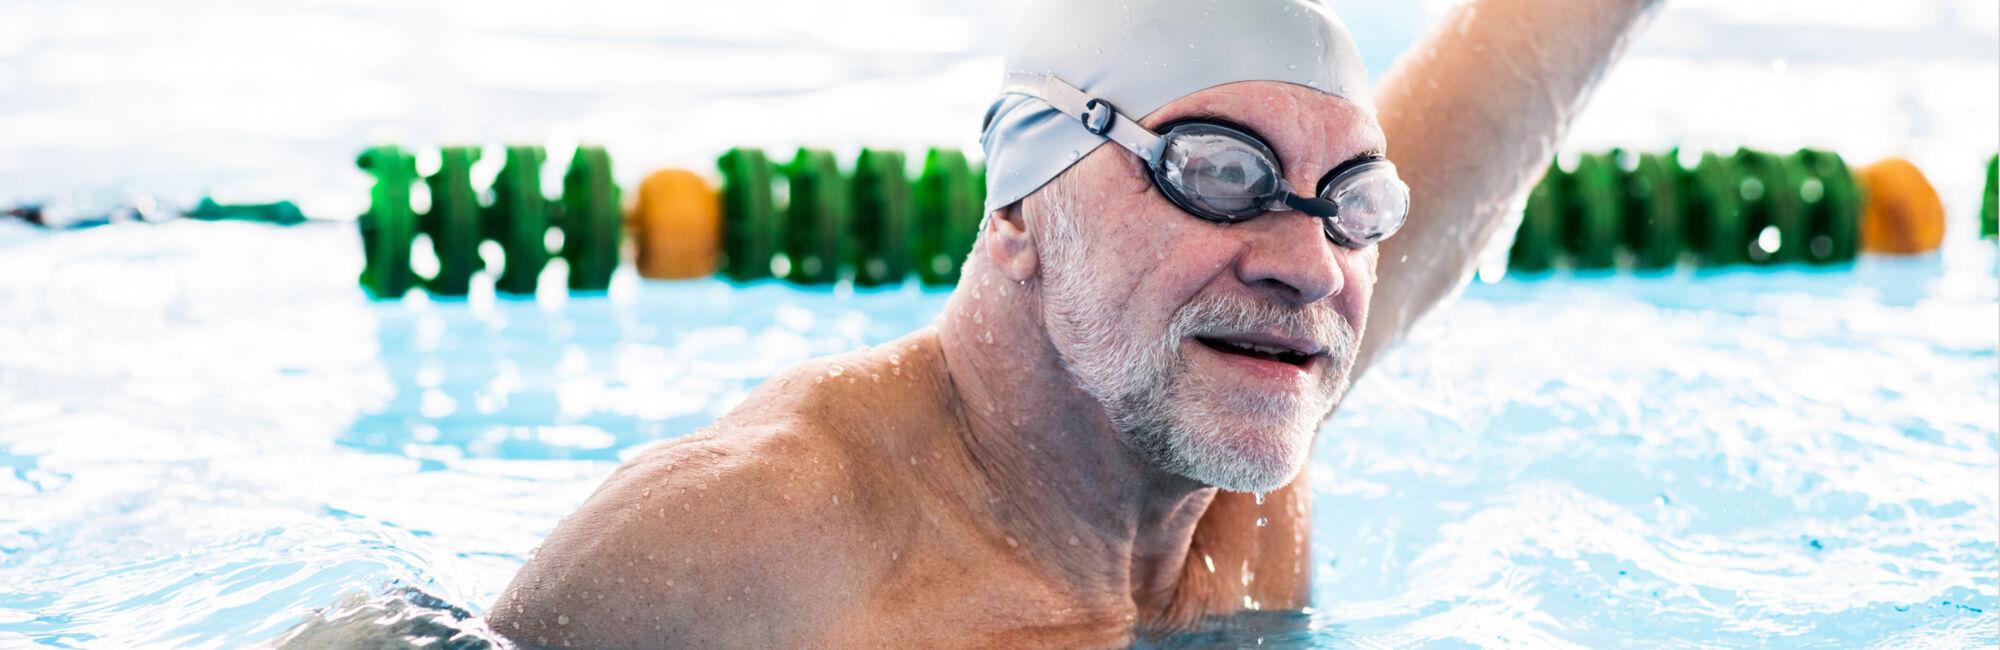 Keyvisual Biljoenbad - Portret van oudere man in het zwembad